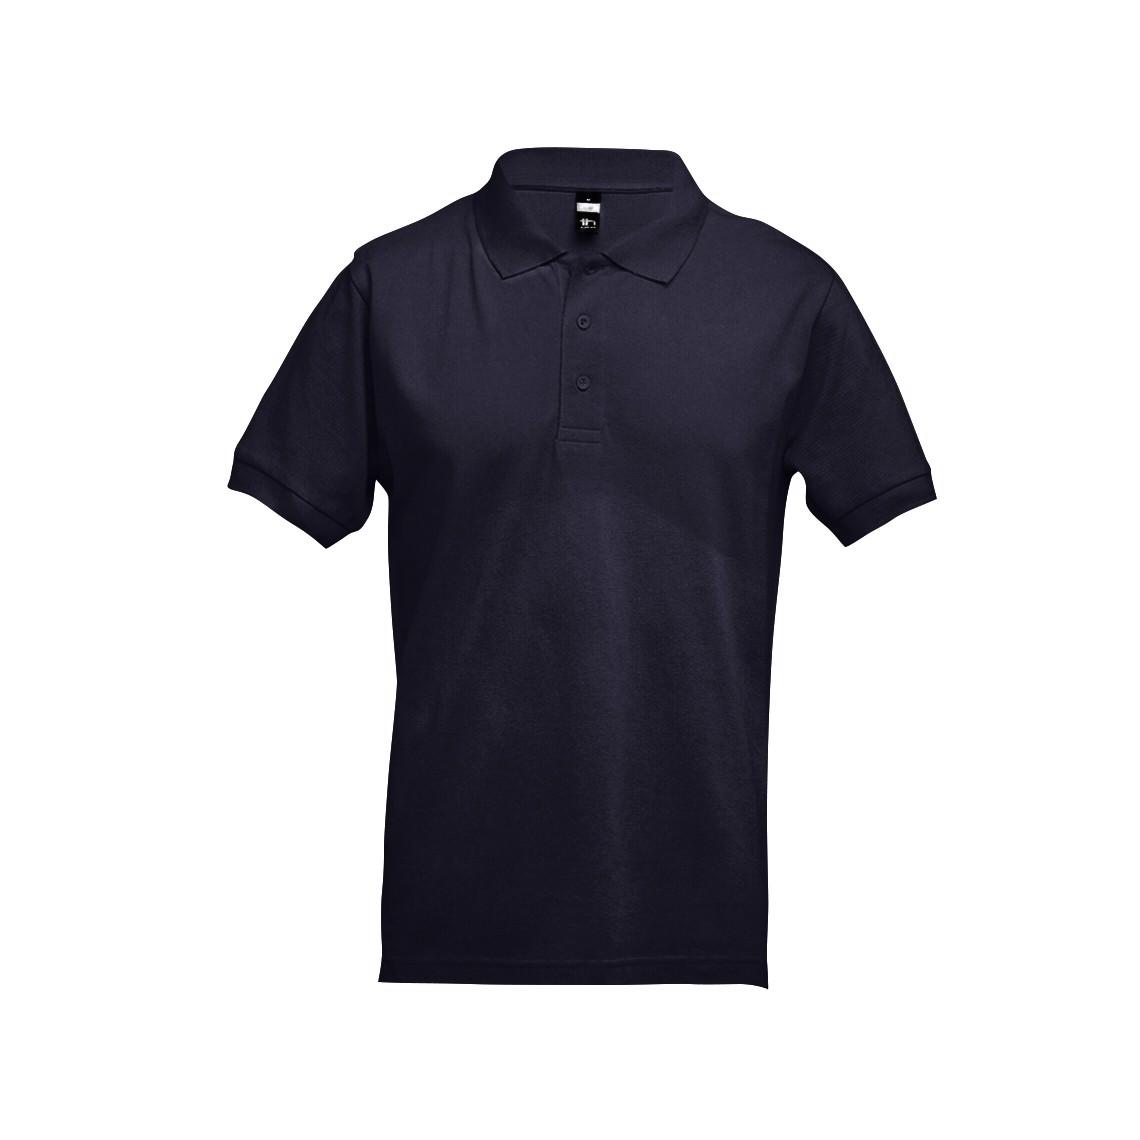 ADAM. Men's polo shirt - Navy Blue / S